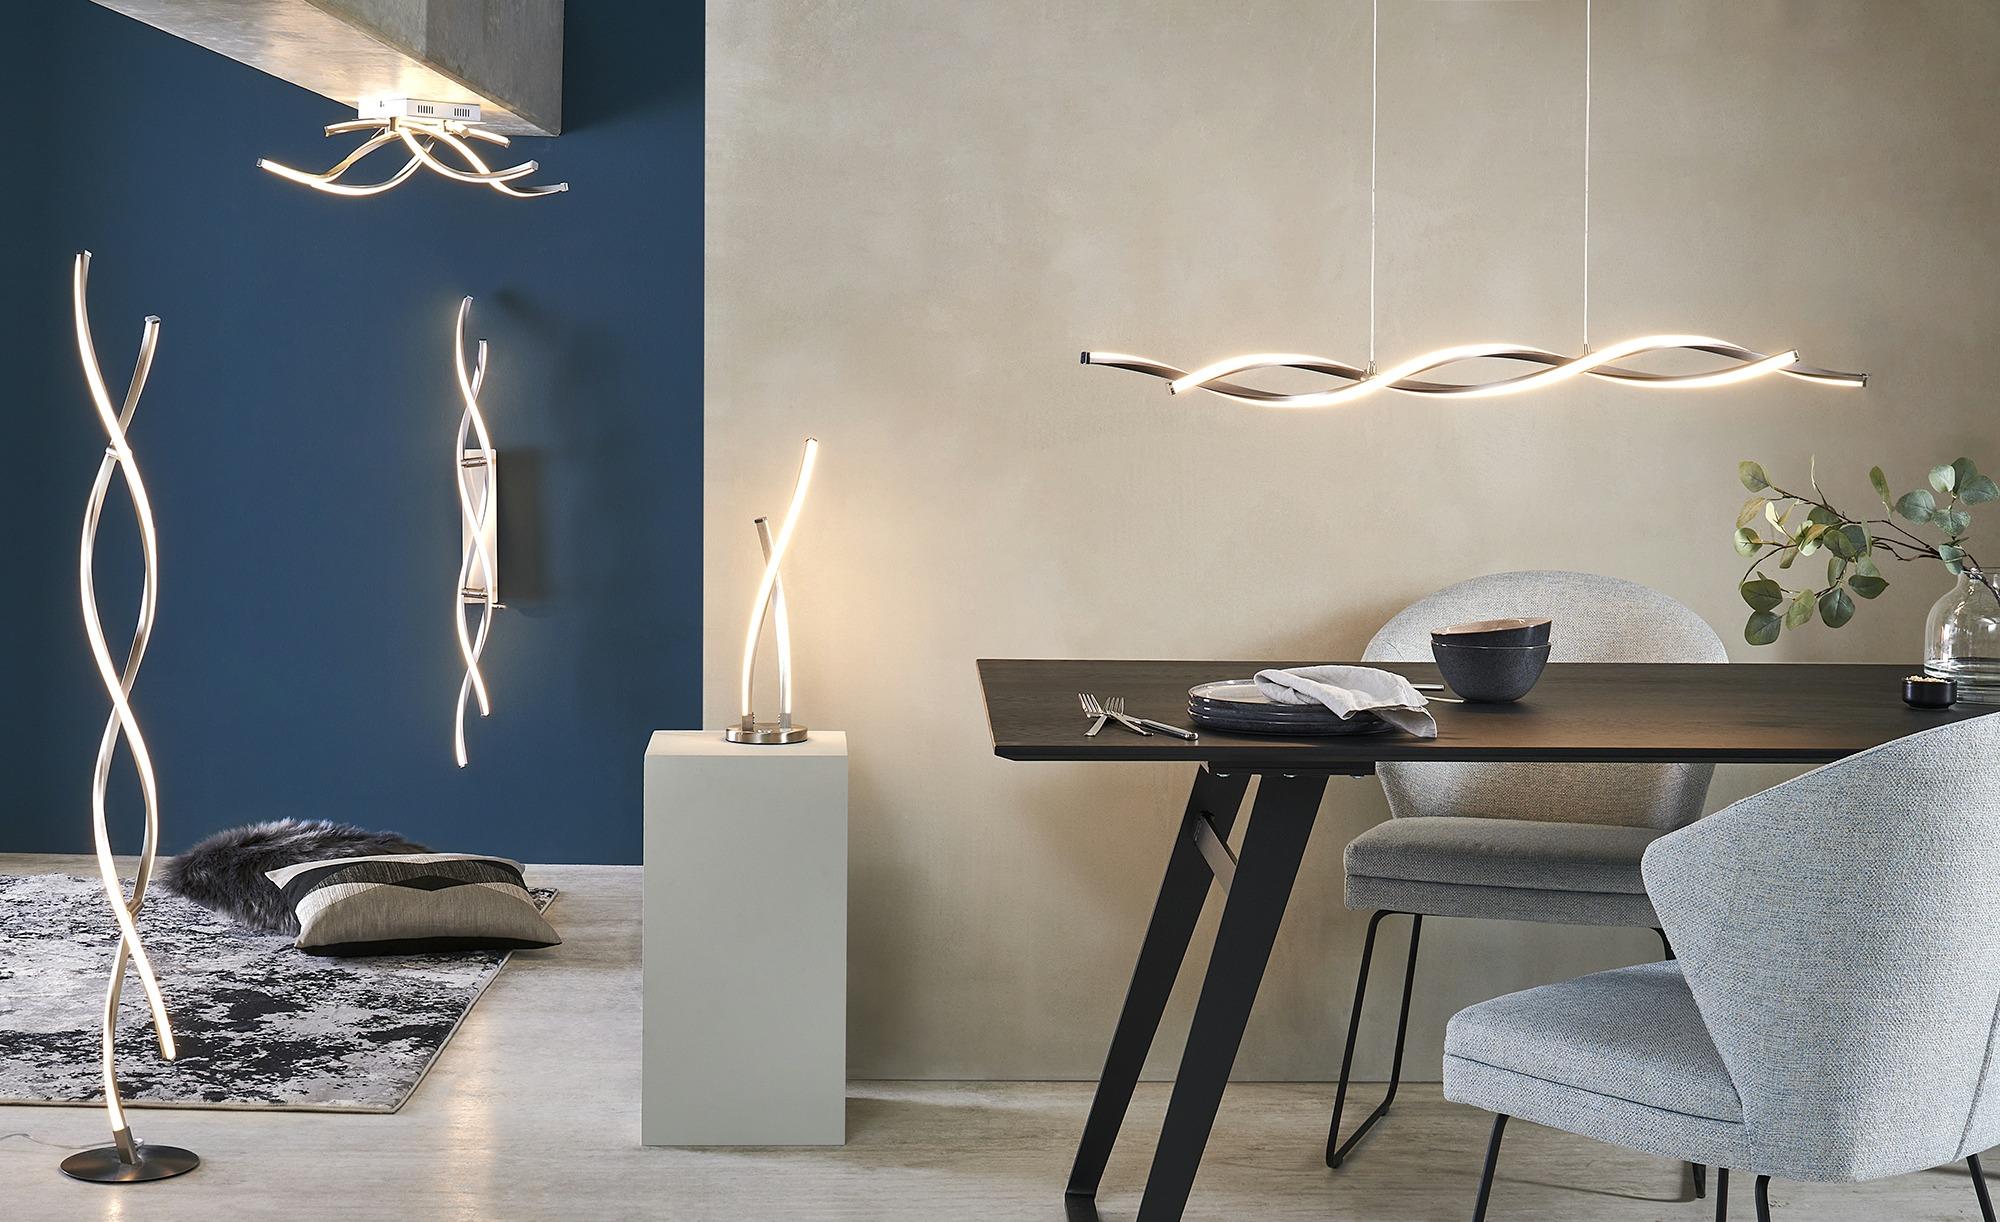 Paul Neuhaus LED-Pendelleuchte, 2-flammig gedreht ¦ silber ¦ Maße (cm): B: 110 Lampen & Leuchten > LED-Leuchten > LED-Pendelleuchten - Höffner